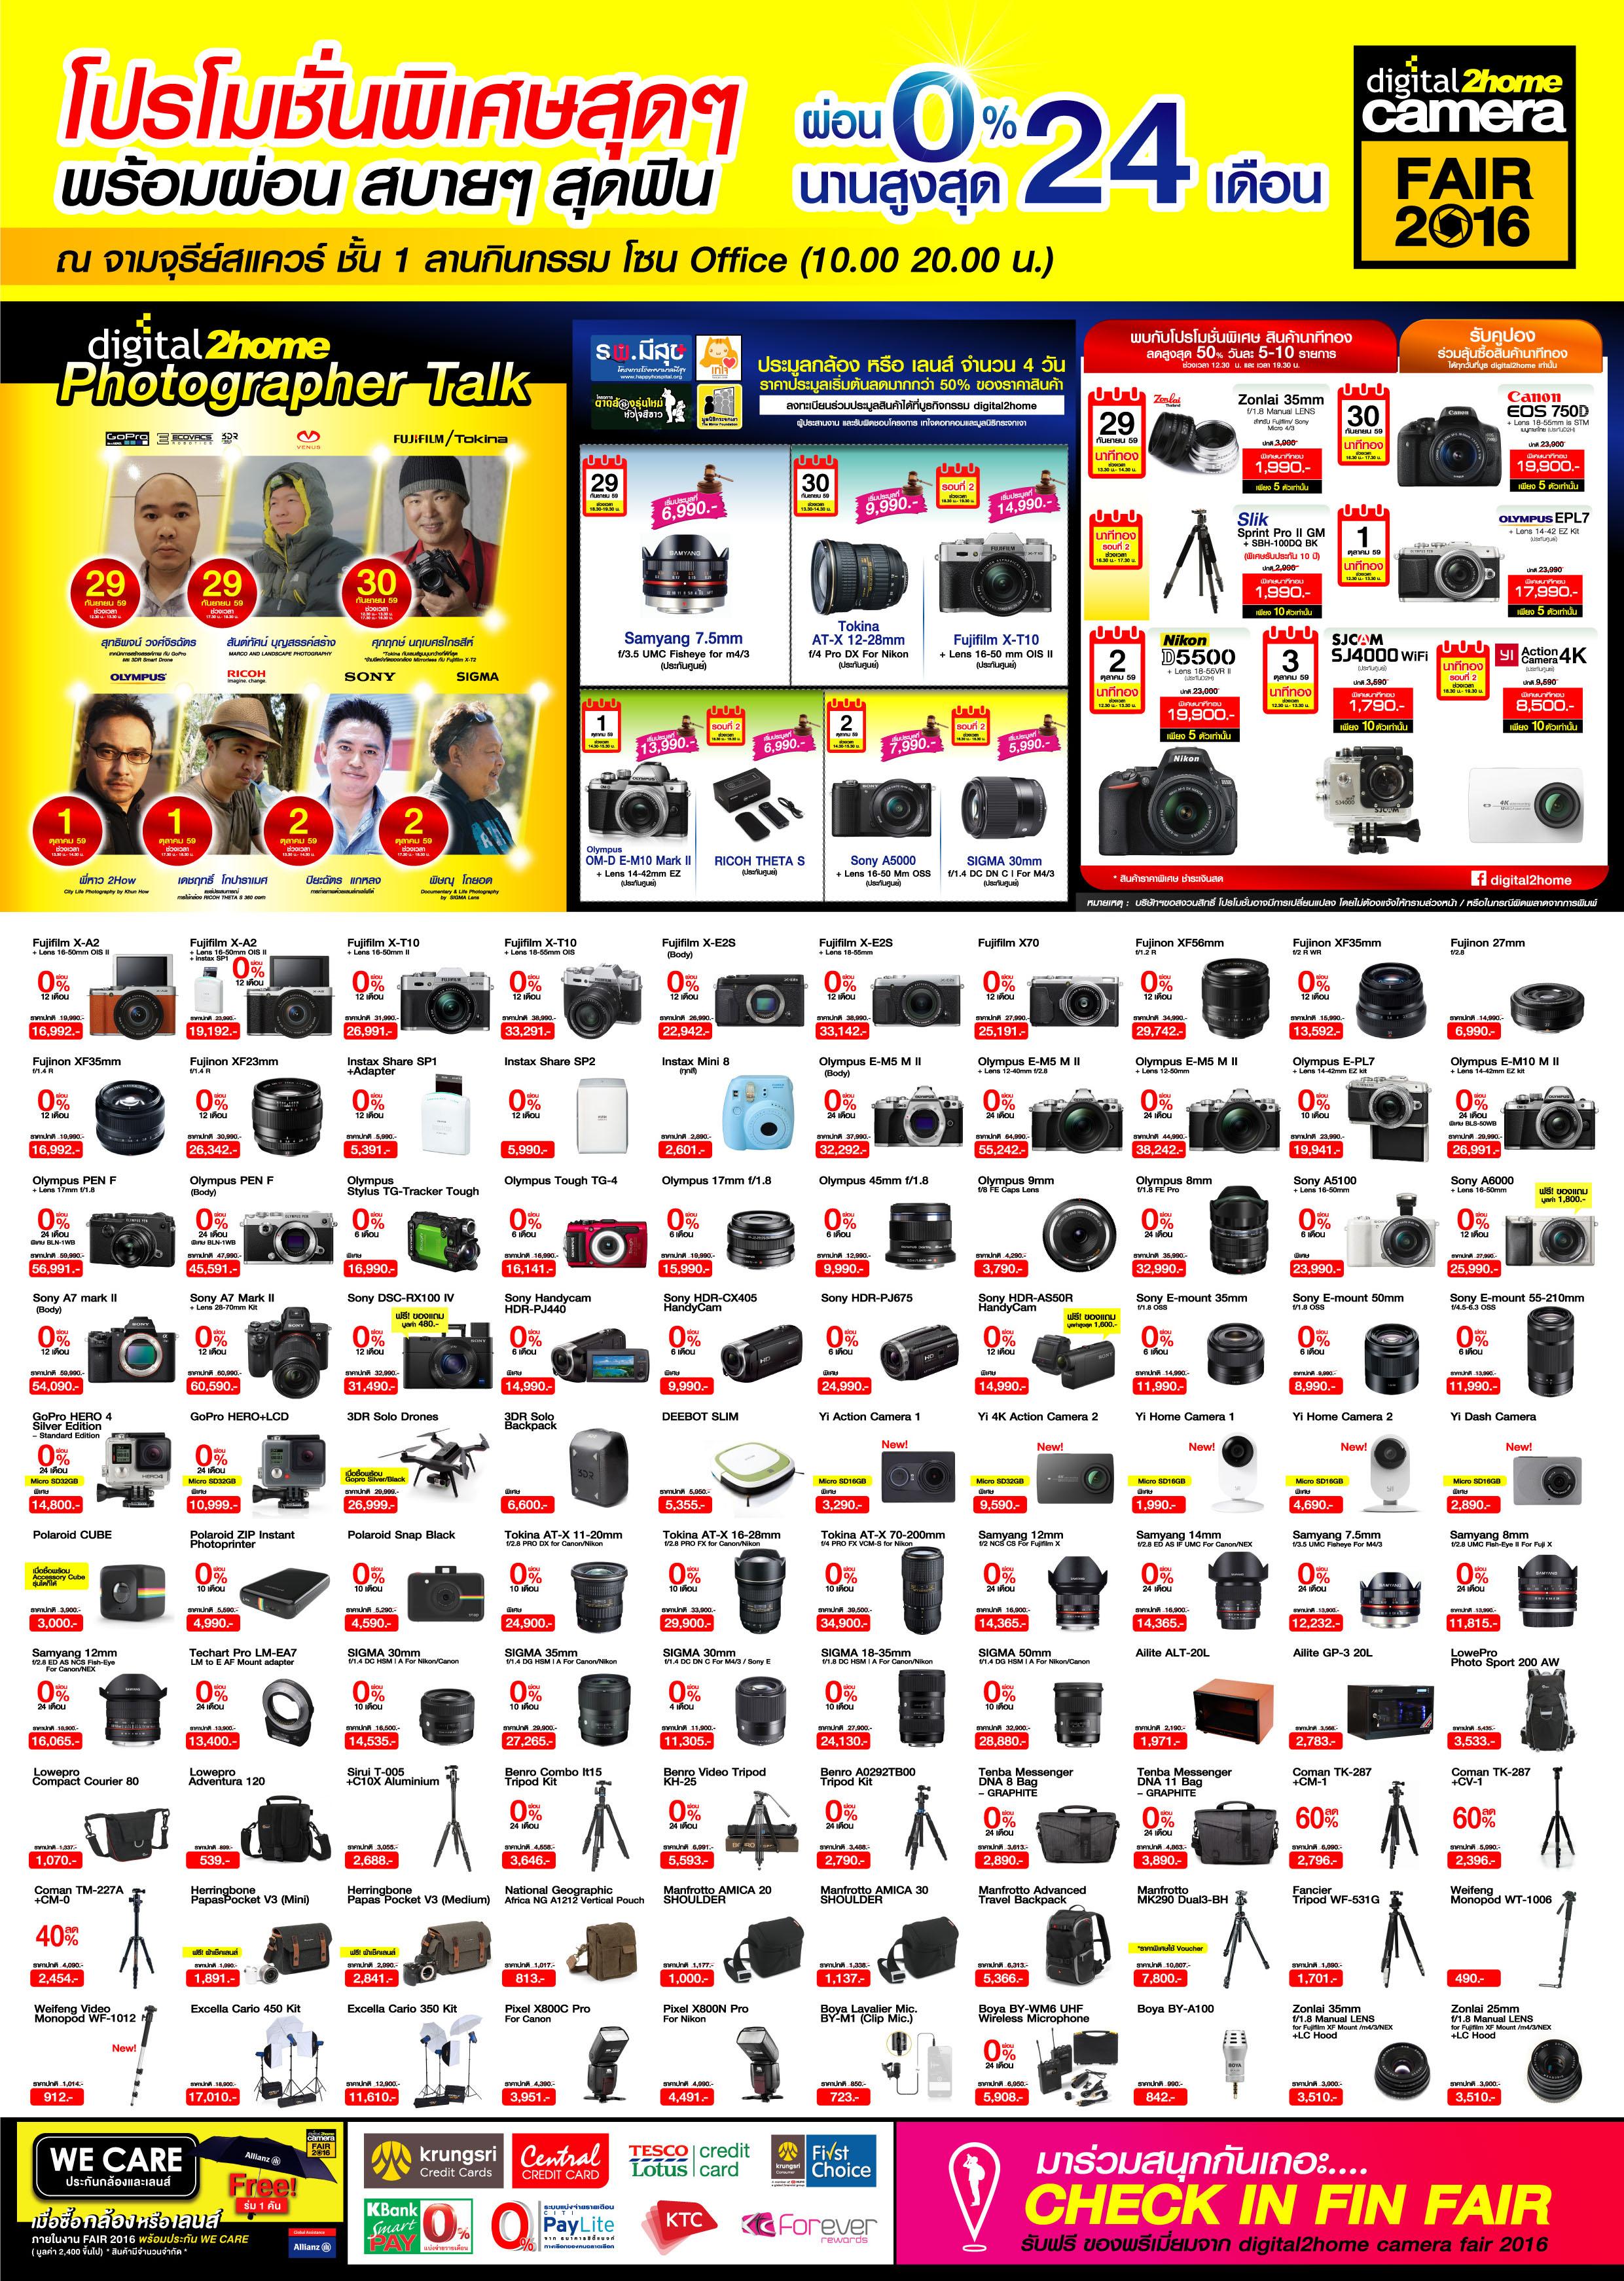 %e0%b9%82%e0%b8%9a%e0%b8%8a%e0%b8%b1%e0%b8%a7%e0%b8%a3%e0%b9%8c%e0%b8%ab%e0%b8%99%e0%b9%89%e0%b8%b2-b-digital2home-camera-fair-2016